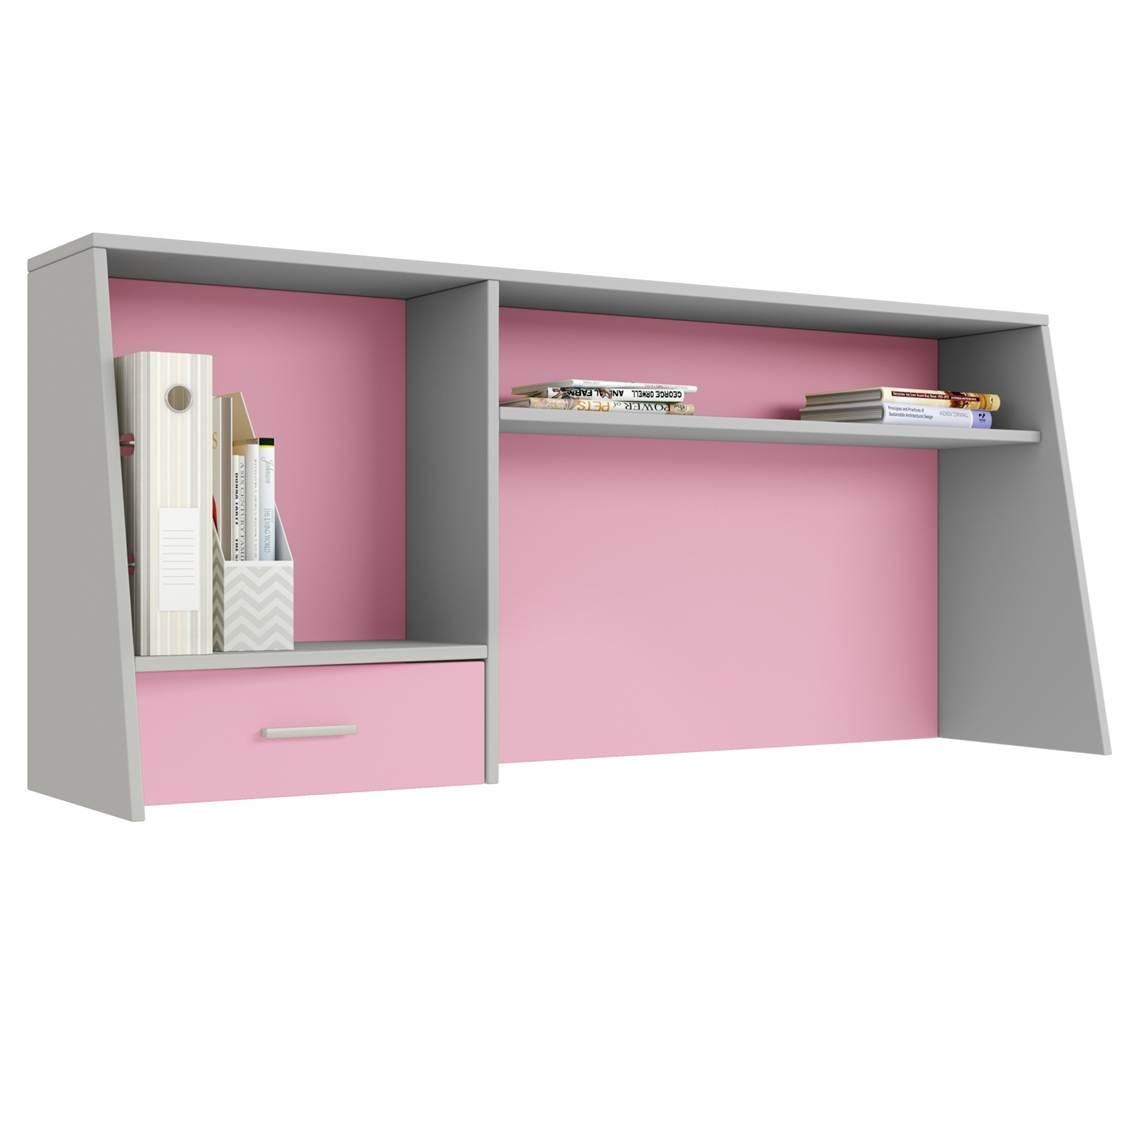 Надстройка для cтола Polini kids Aviv 1450 с ящиком и полкой, серый/розовый